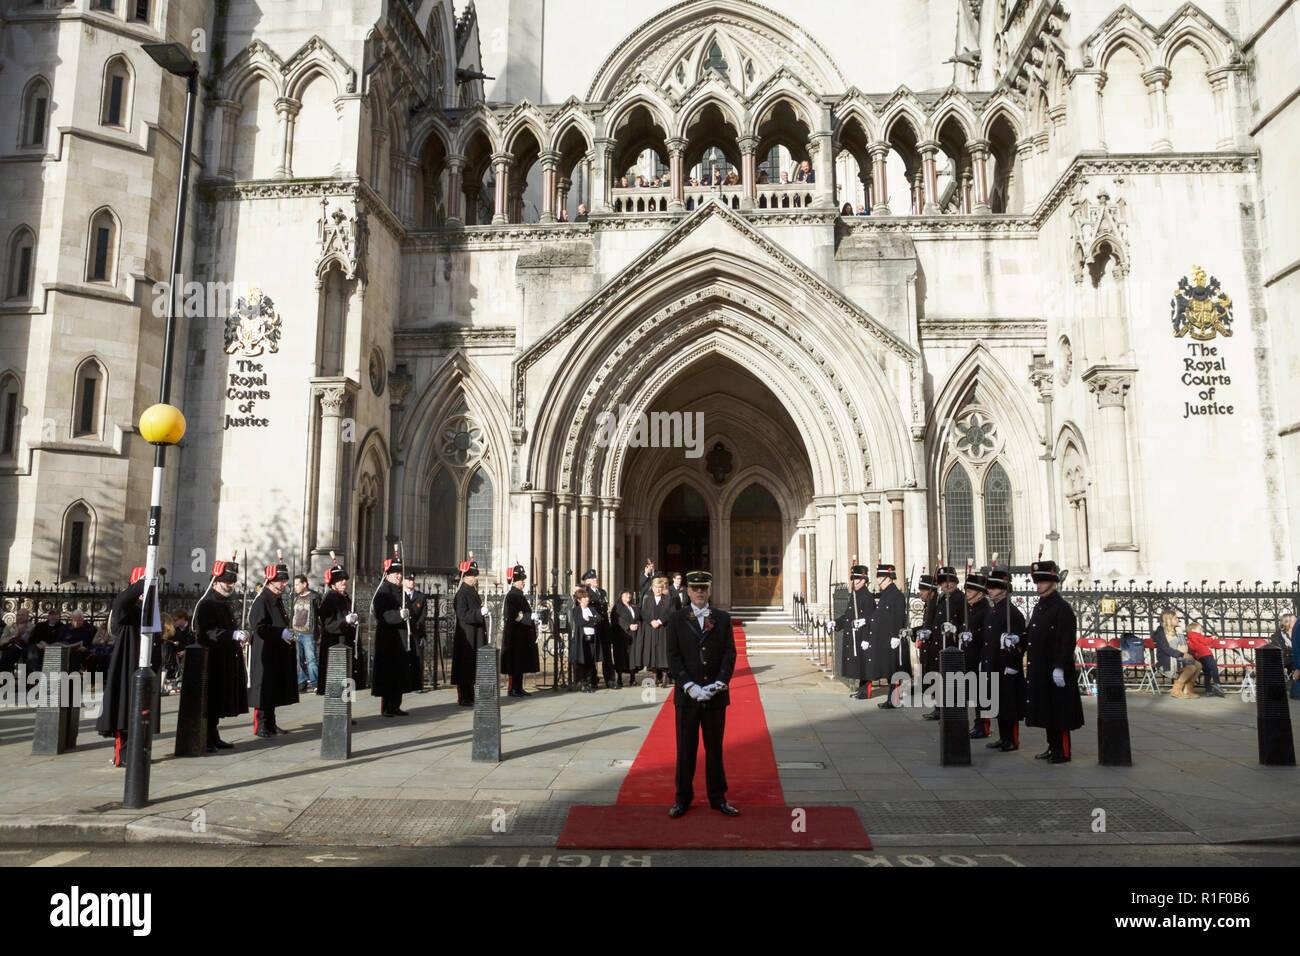 Il Royal Courts of Justice di Londra. Con l' Onorevole Compagnia di Artiglieria (HAC) esterno, in attesa dell arrivo del Sindaco. Immagini Stock